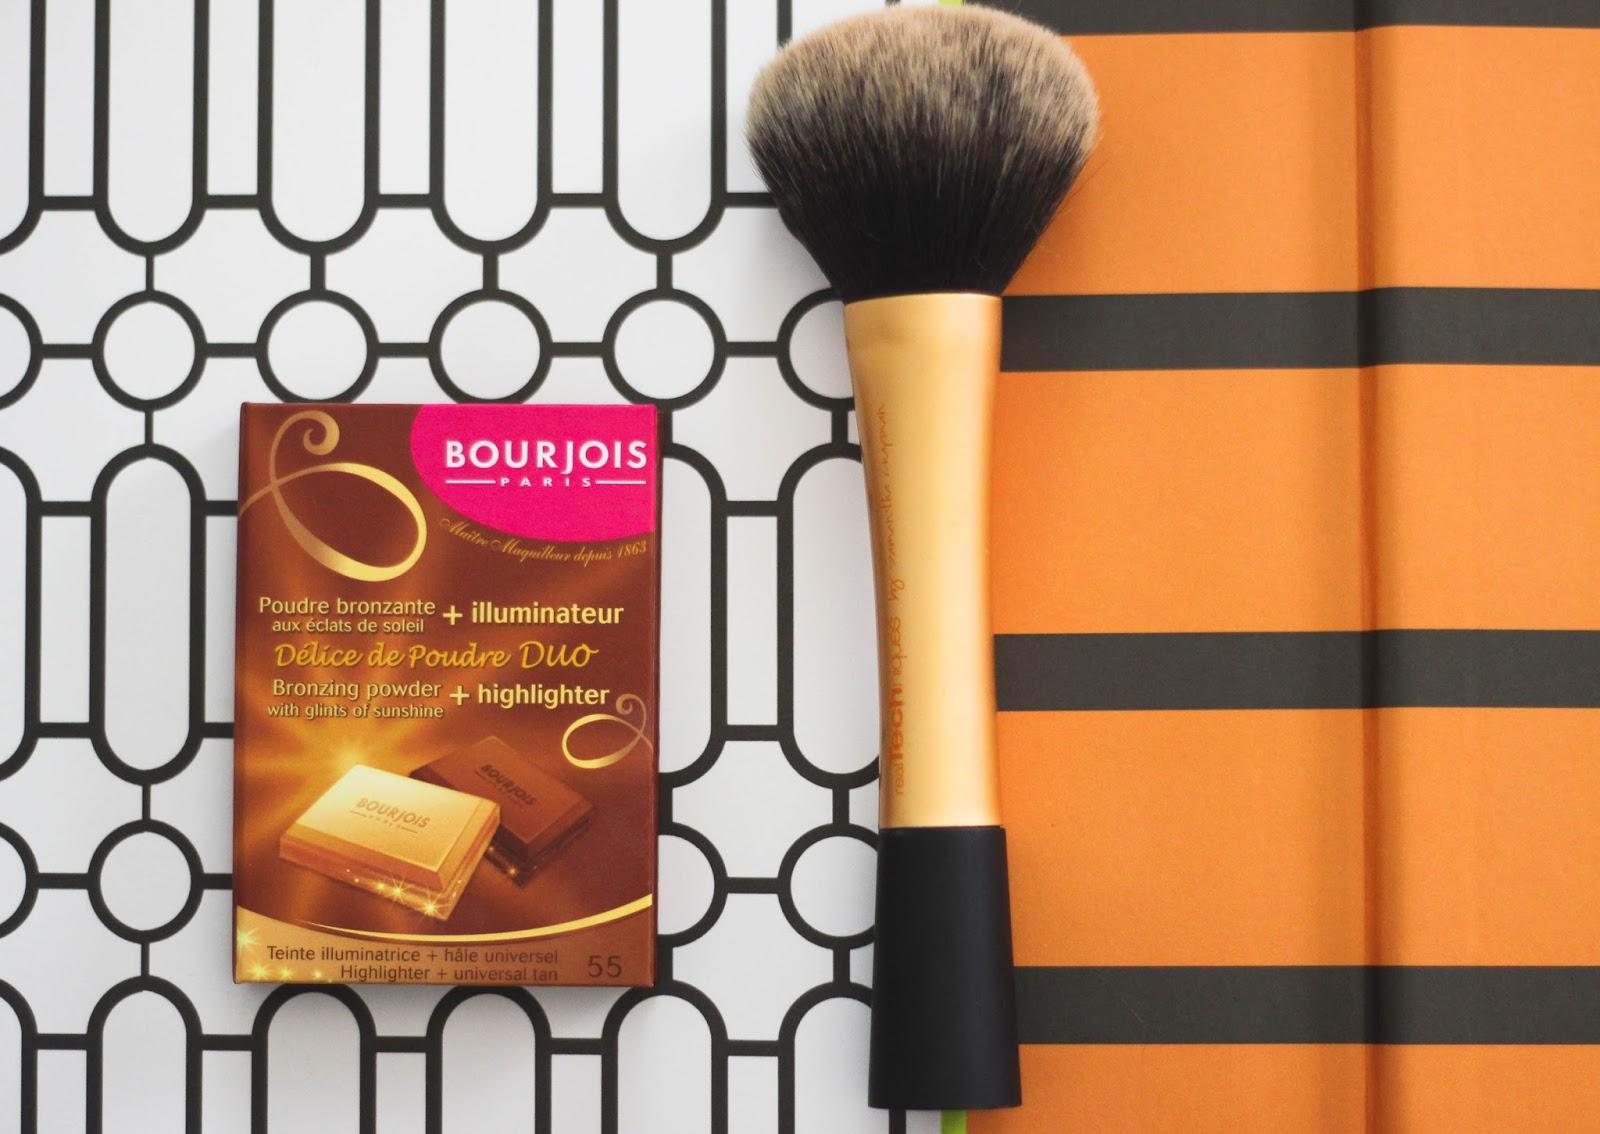 Bourjois Delice de Poudre bronzing powder & highlighter